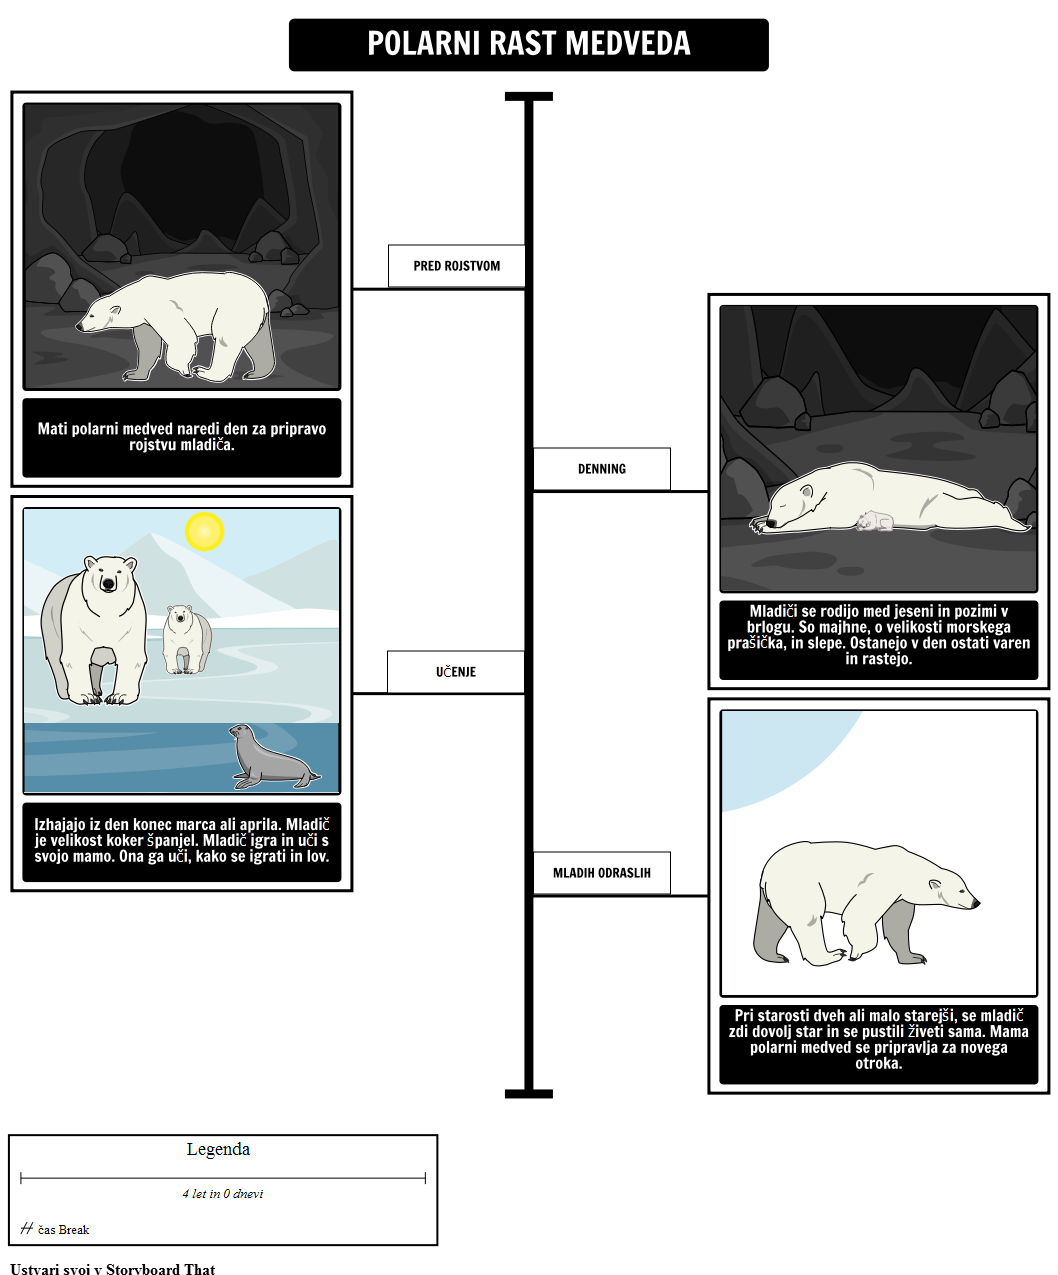 Kam Polar Bears Živo? Polar Bear Rast